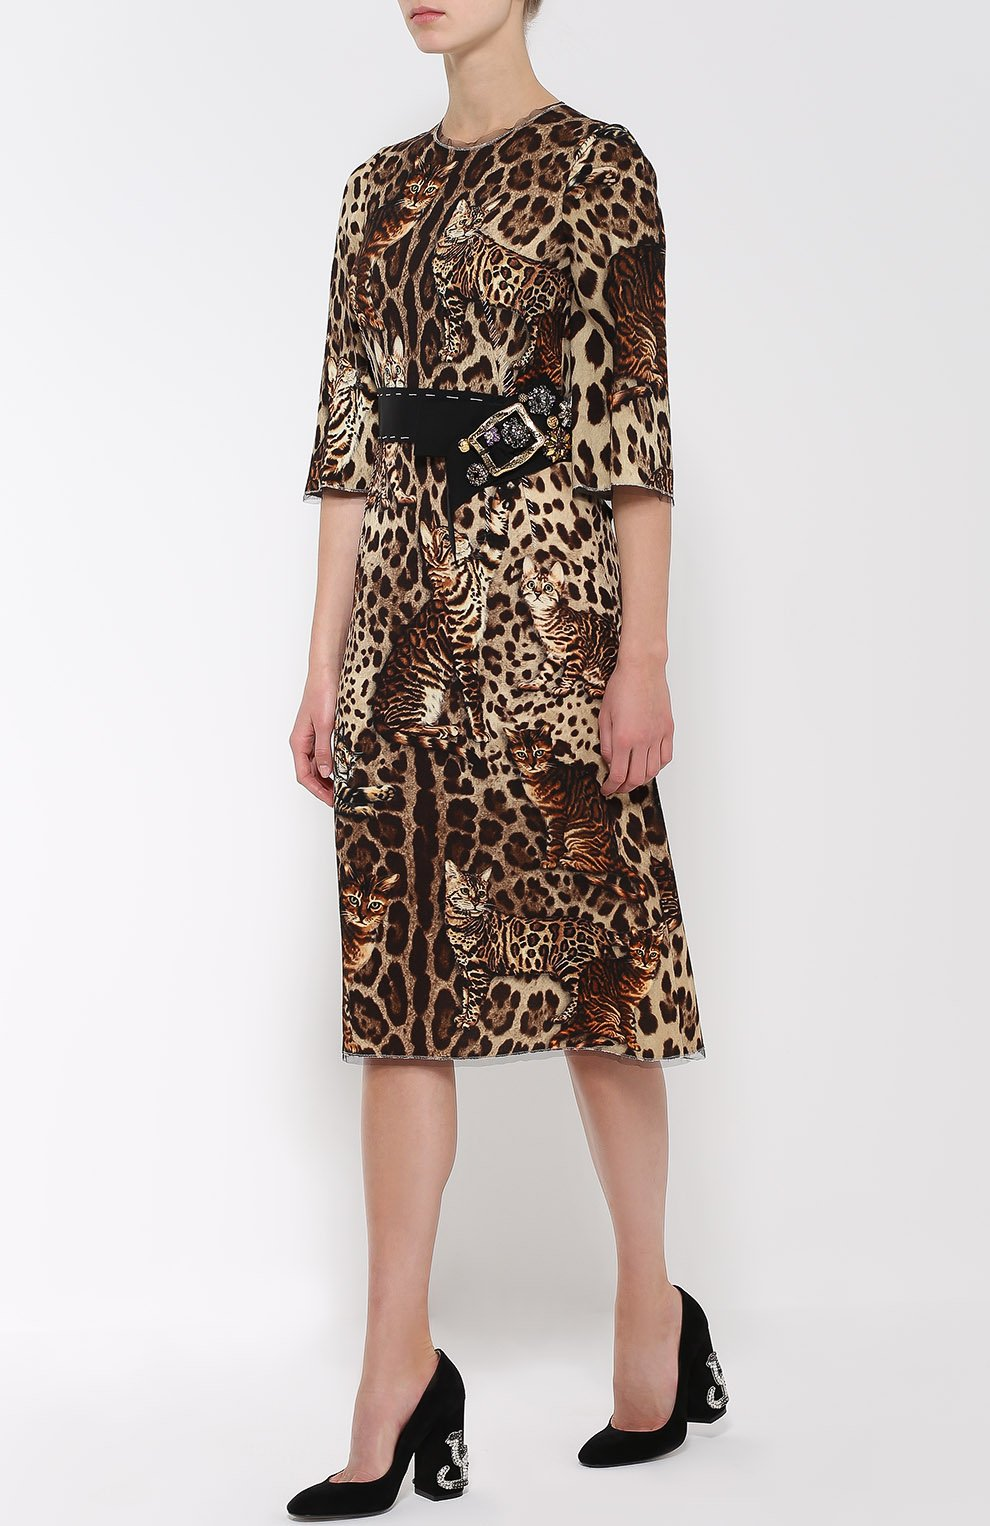 Приталенное платье с коротким рукавом и звериным принтом Dolce & Gabbana коричневое | Фото №2